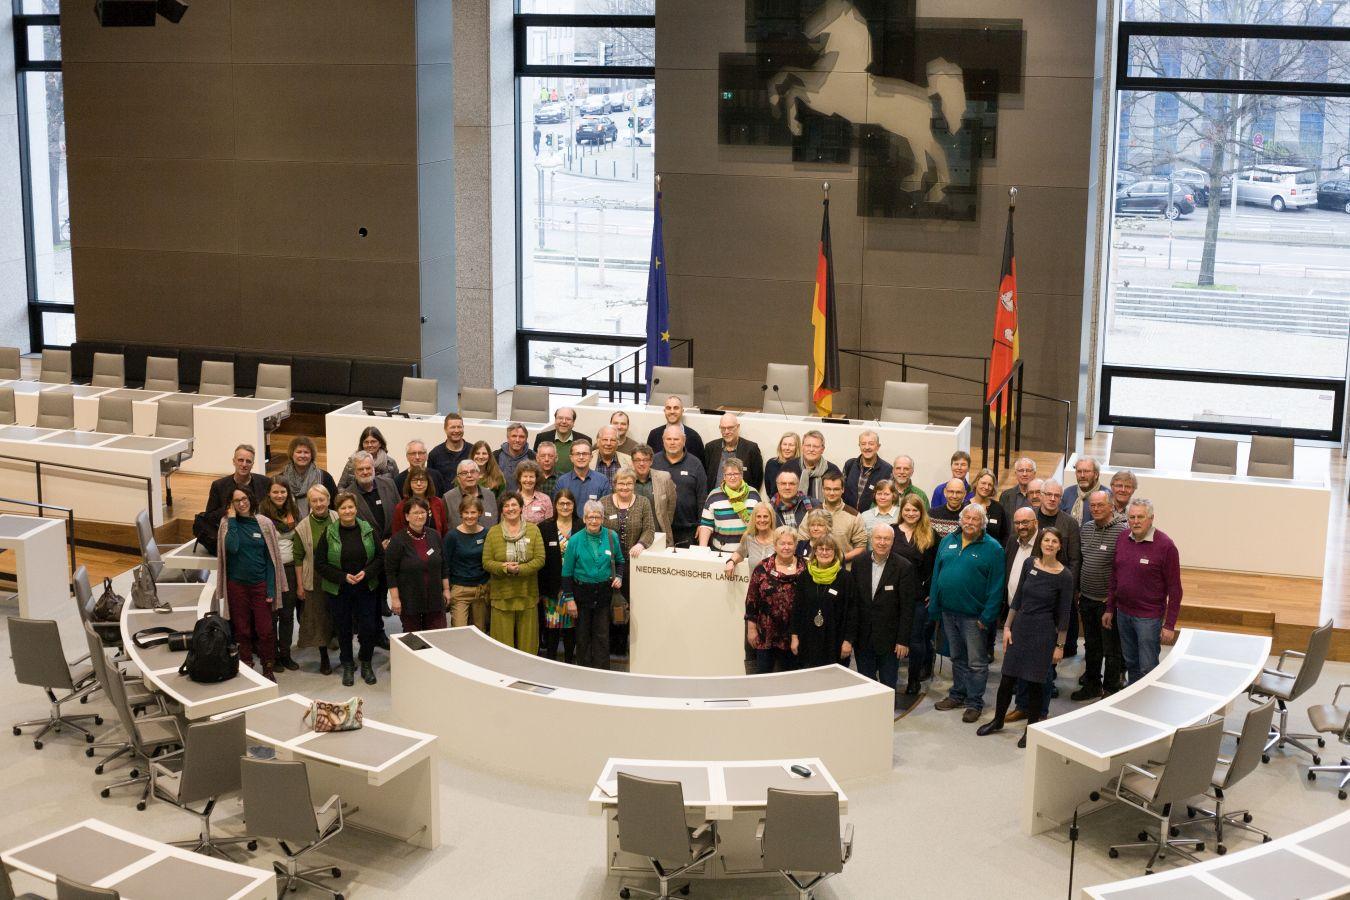 Kommunale Fraktionsvorsitzendenkonferenz 2019